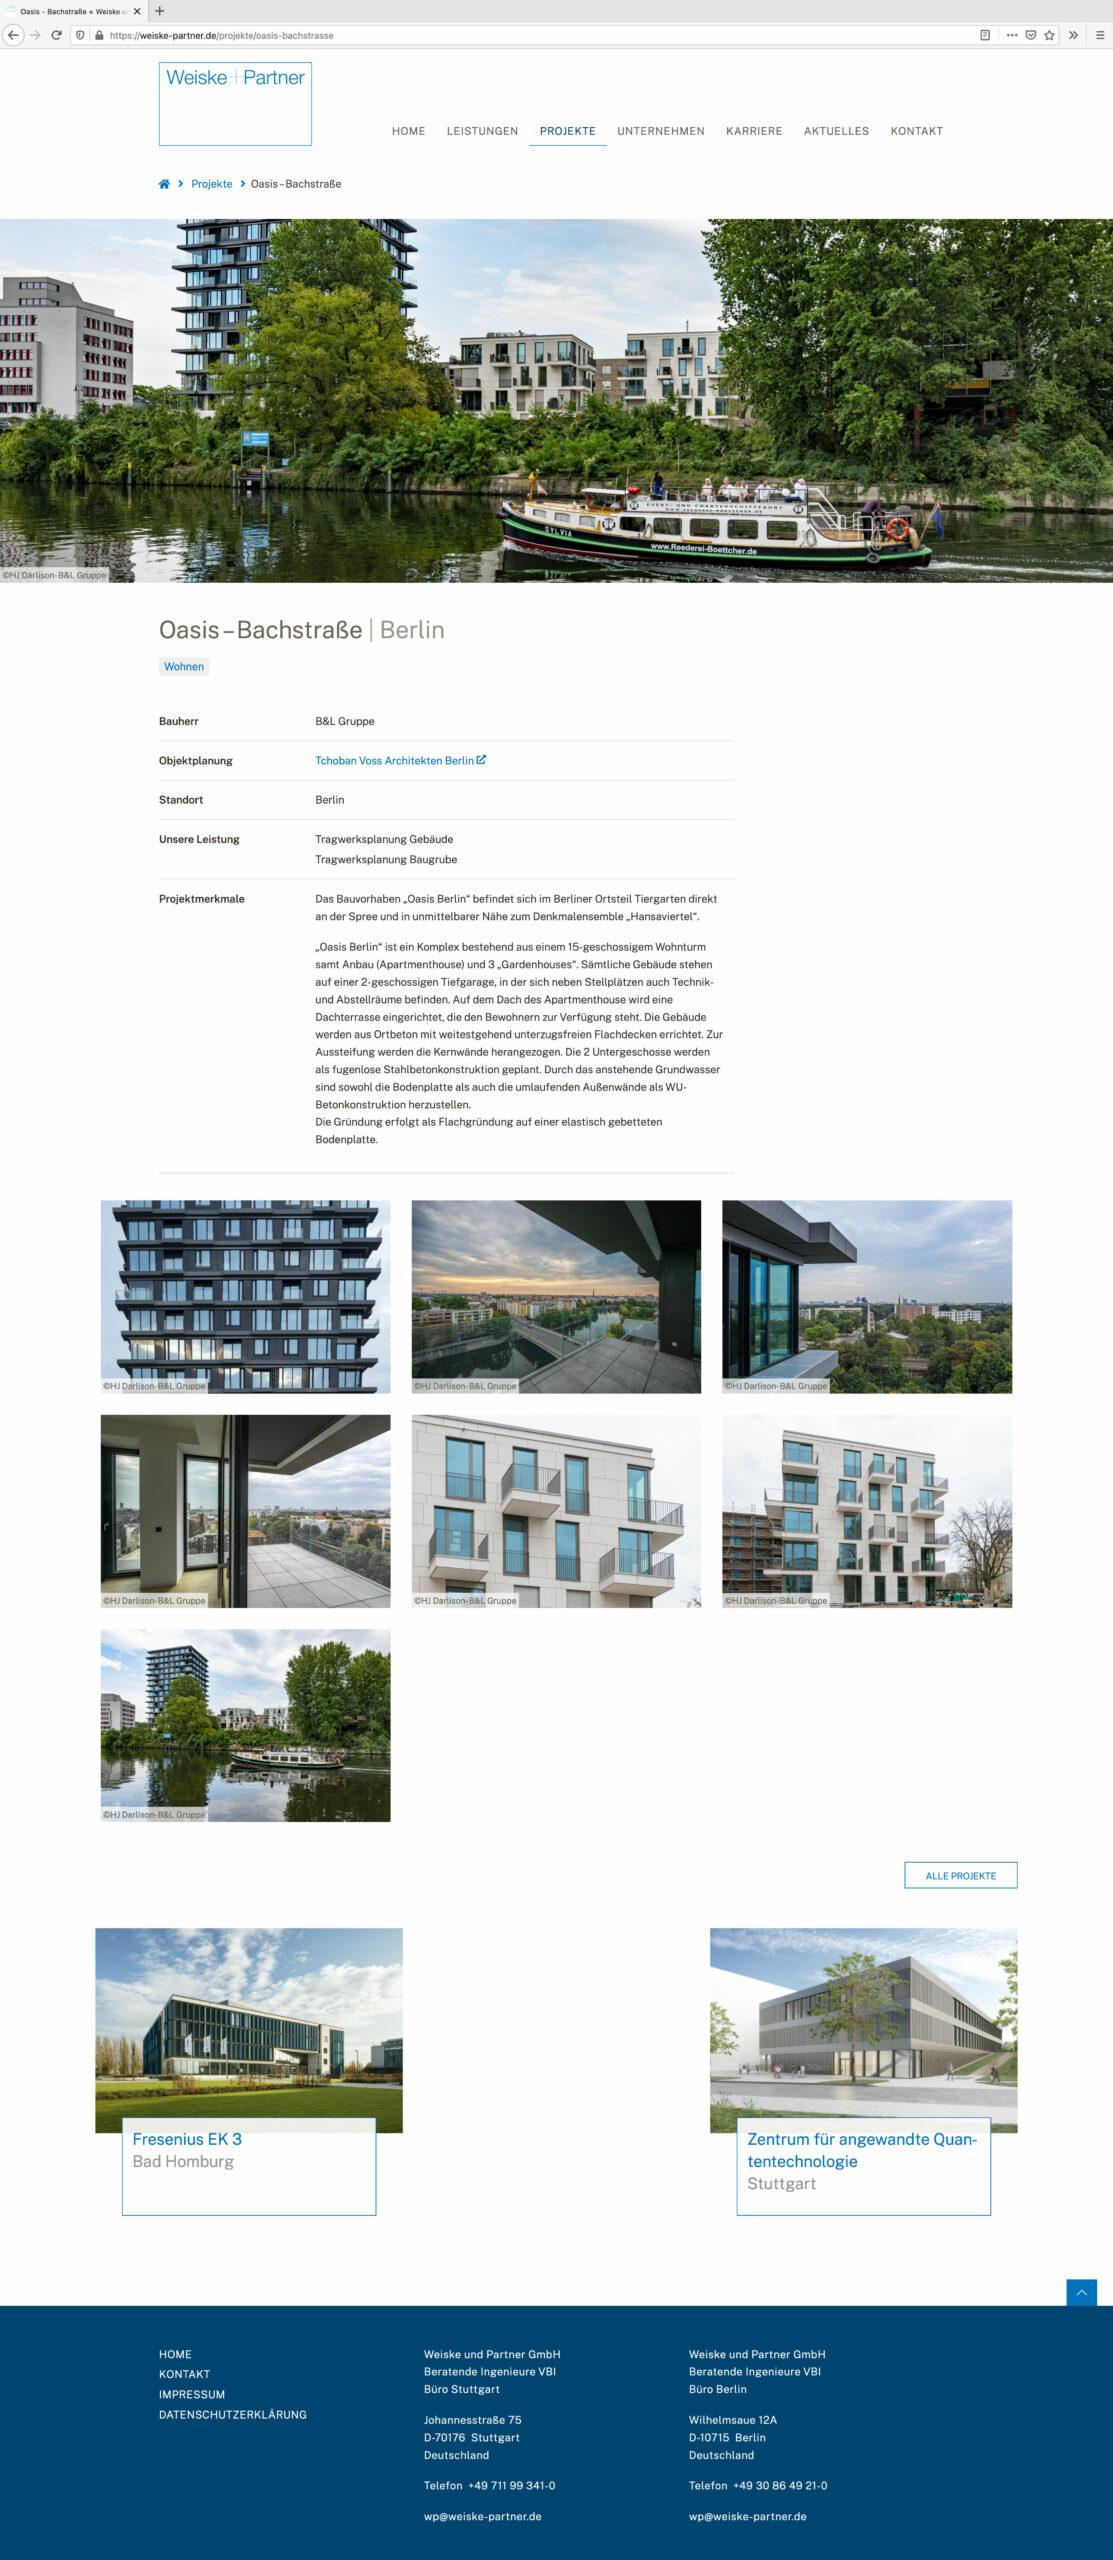 Projekt Oasis-Bachstraße Berlin von Weiske und Partner GmbH - Beratende Ingenieure VBI